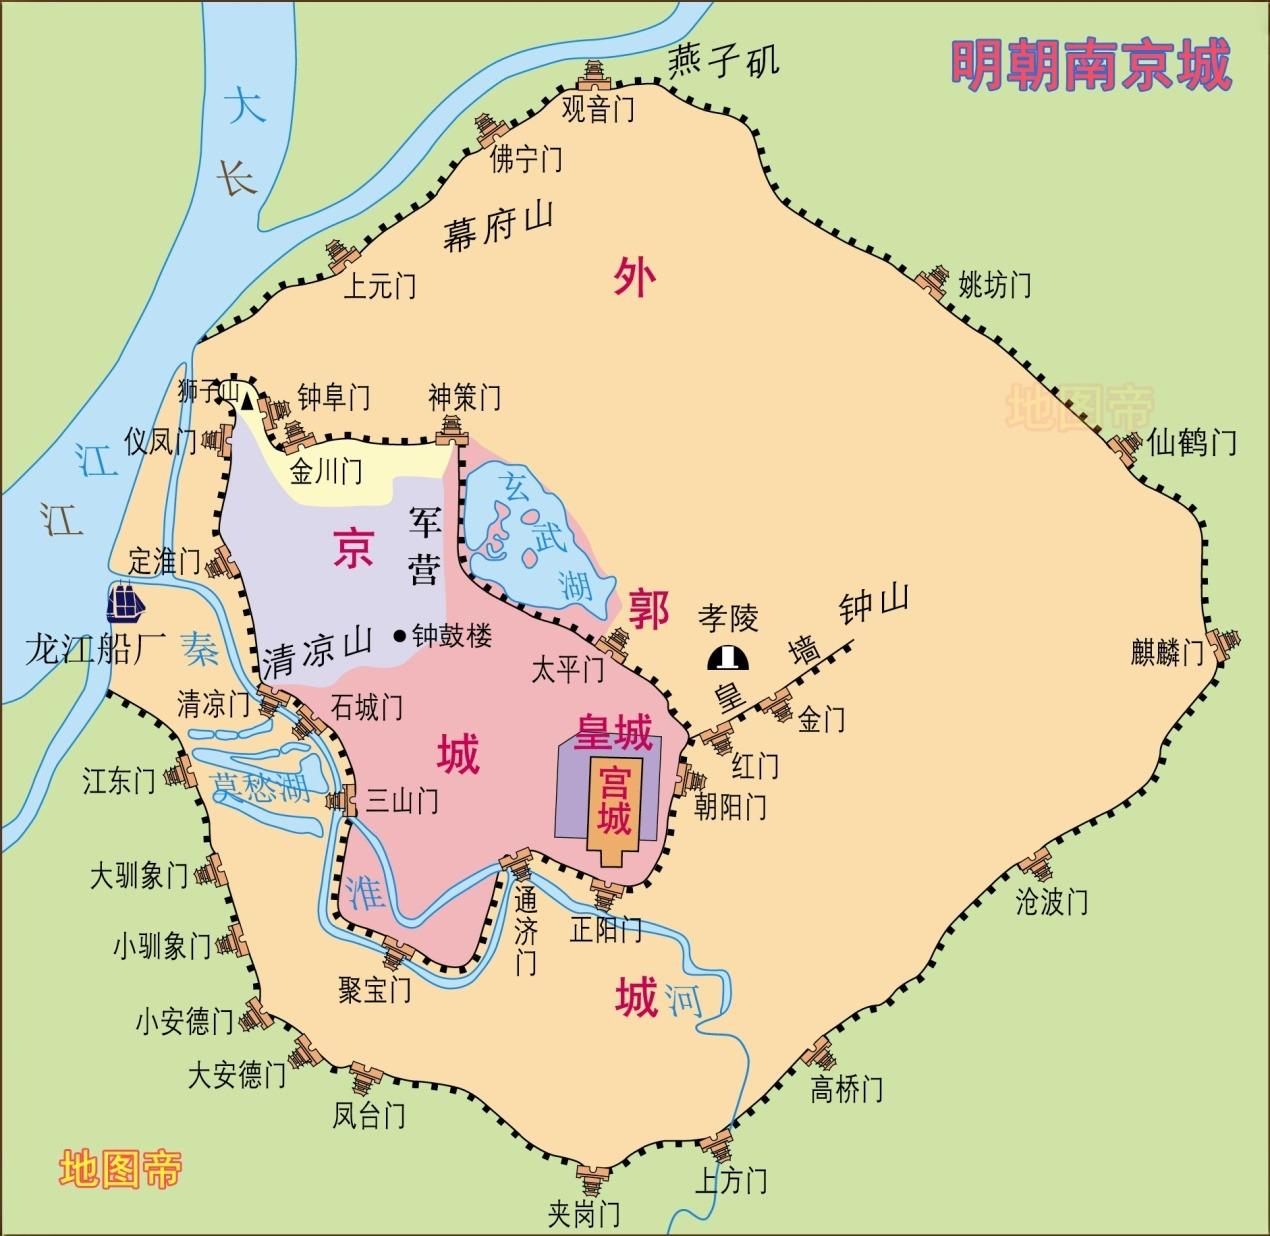 朱元璋为什么定都南京,而不是北京洛阳或者西安?